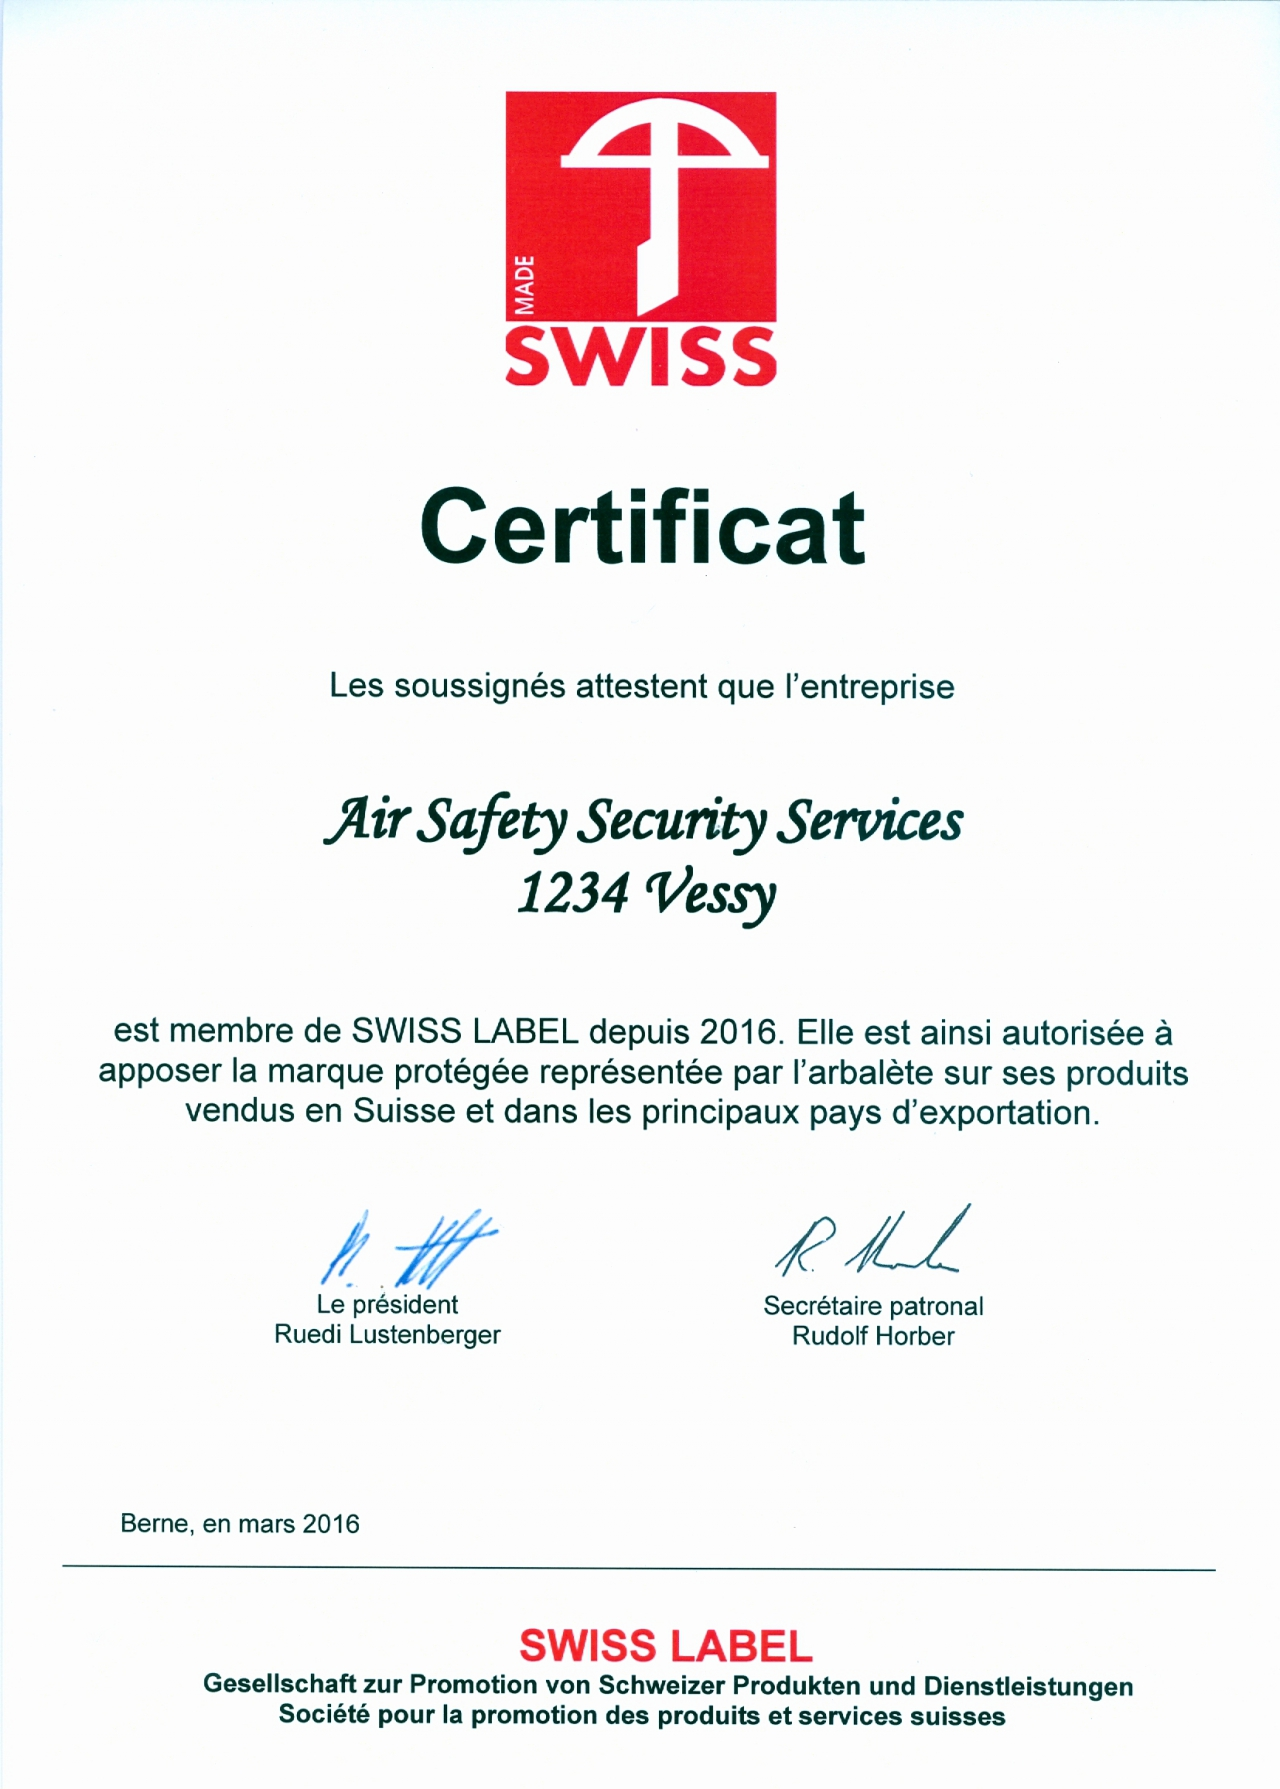 Certificat De Swiss Label Conseil Et Formation En Aviation Urgence Gestion De Crise